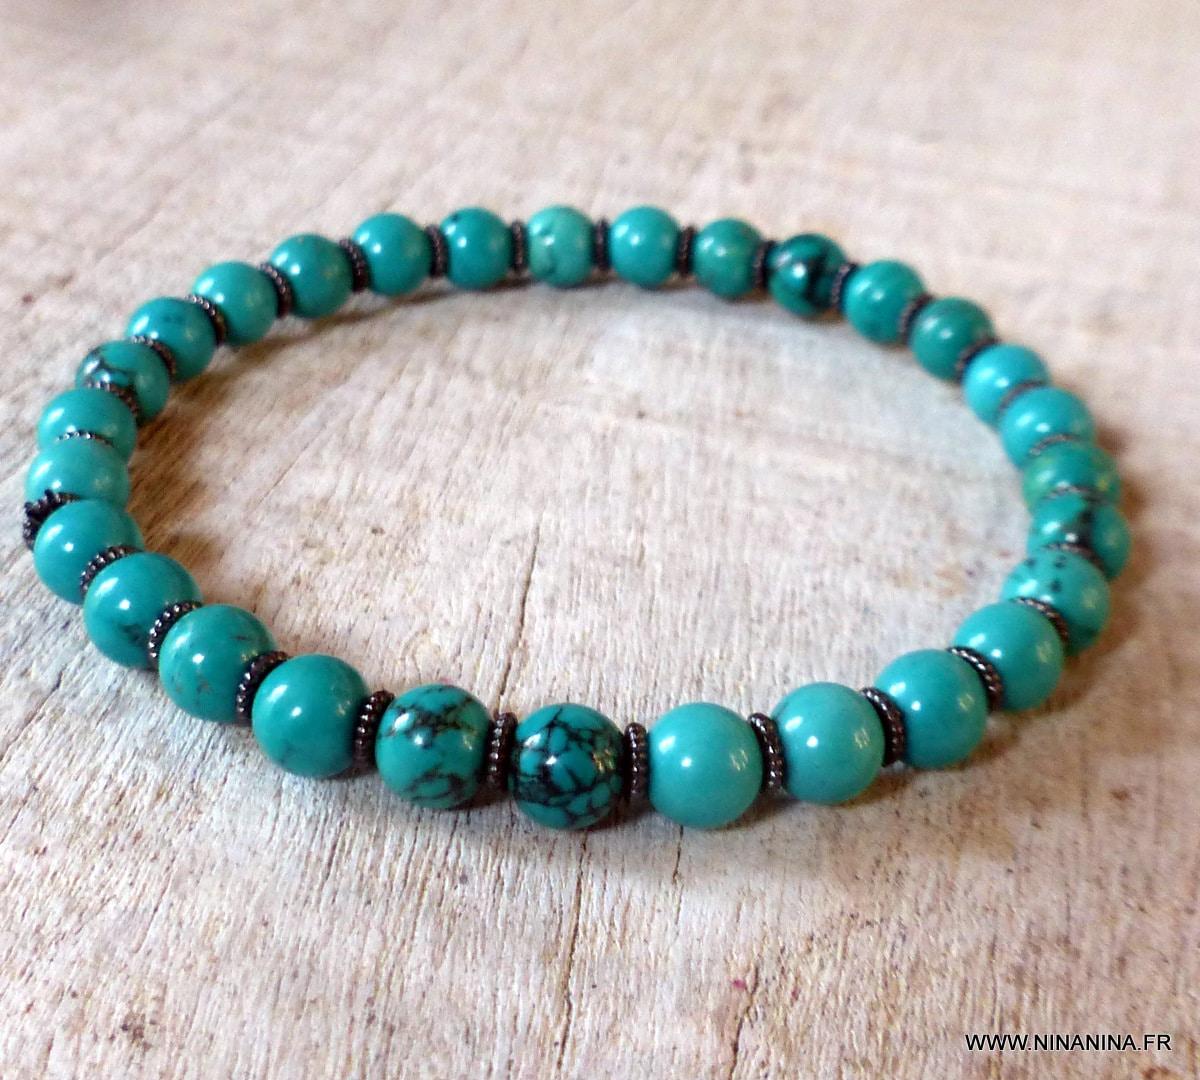 10 Mm Naturel vert émeraude en quartz avec pyrite perles rondes Extensible Bracelet